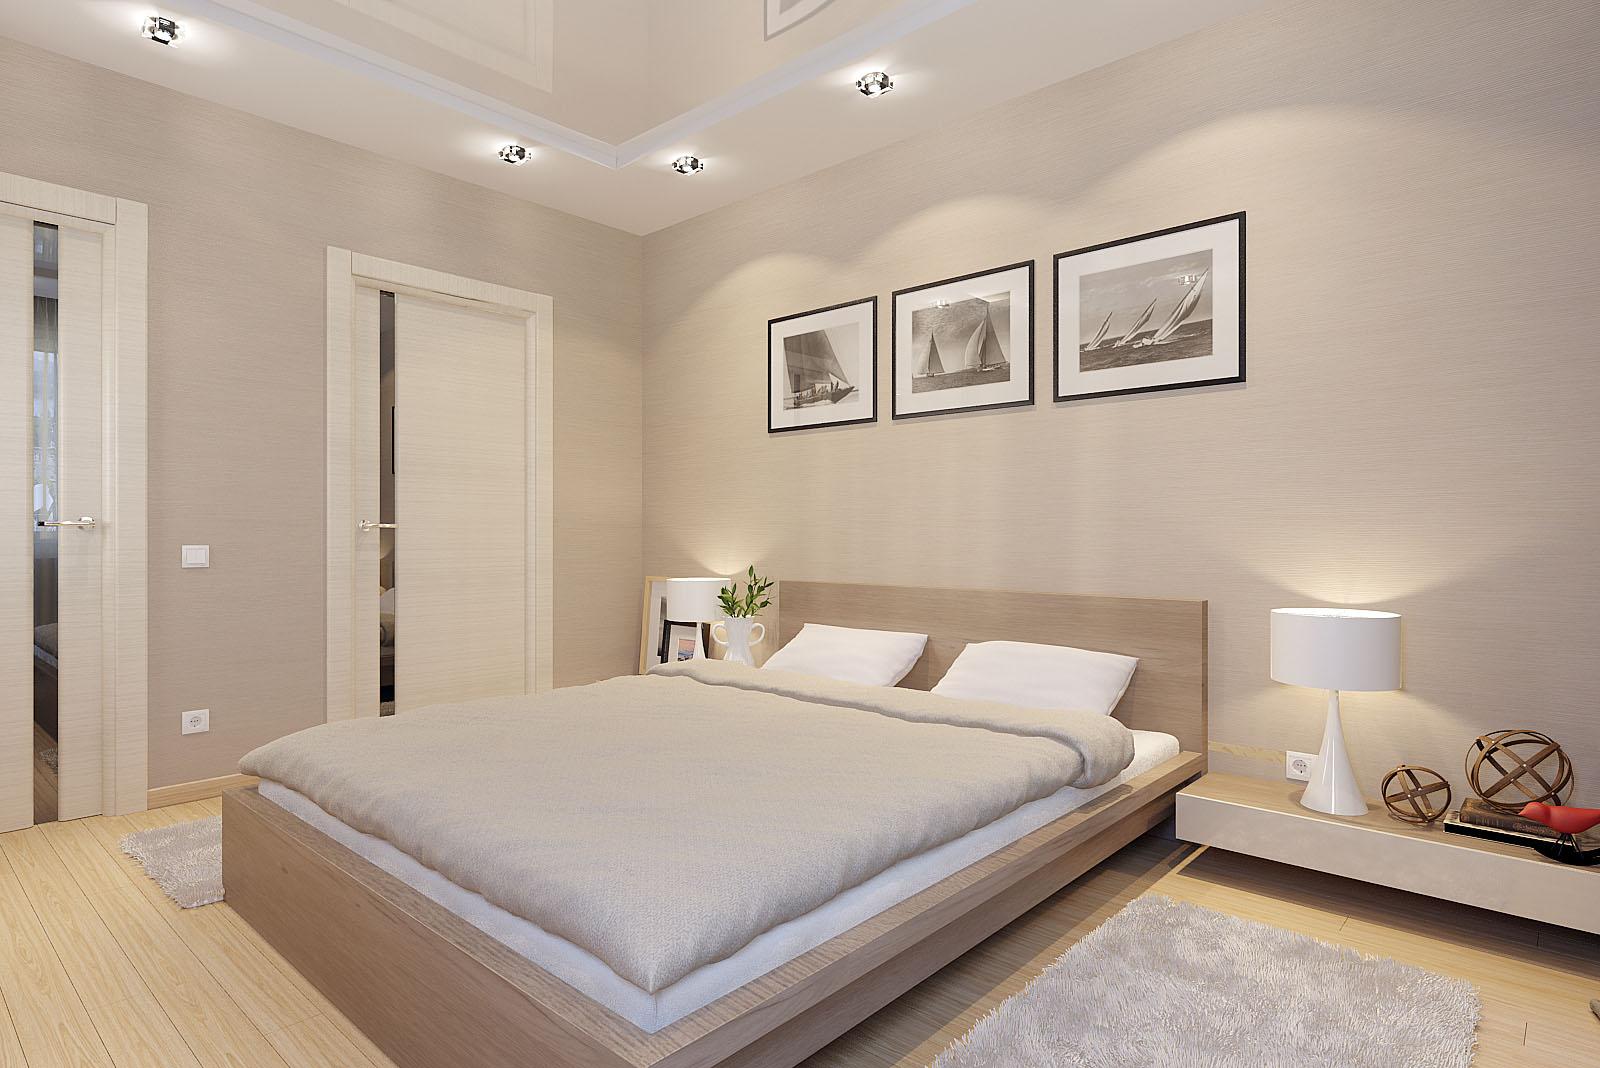 Цвет капучино в дизайне спальне